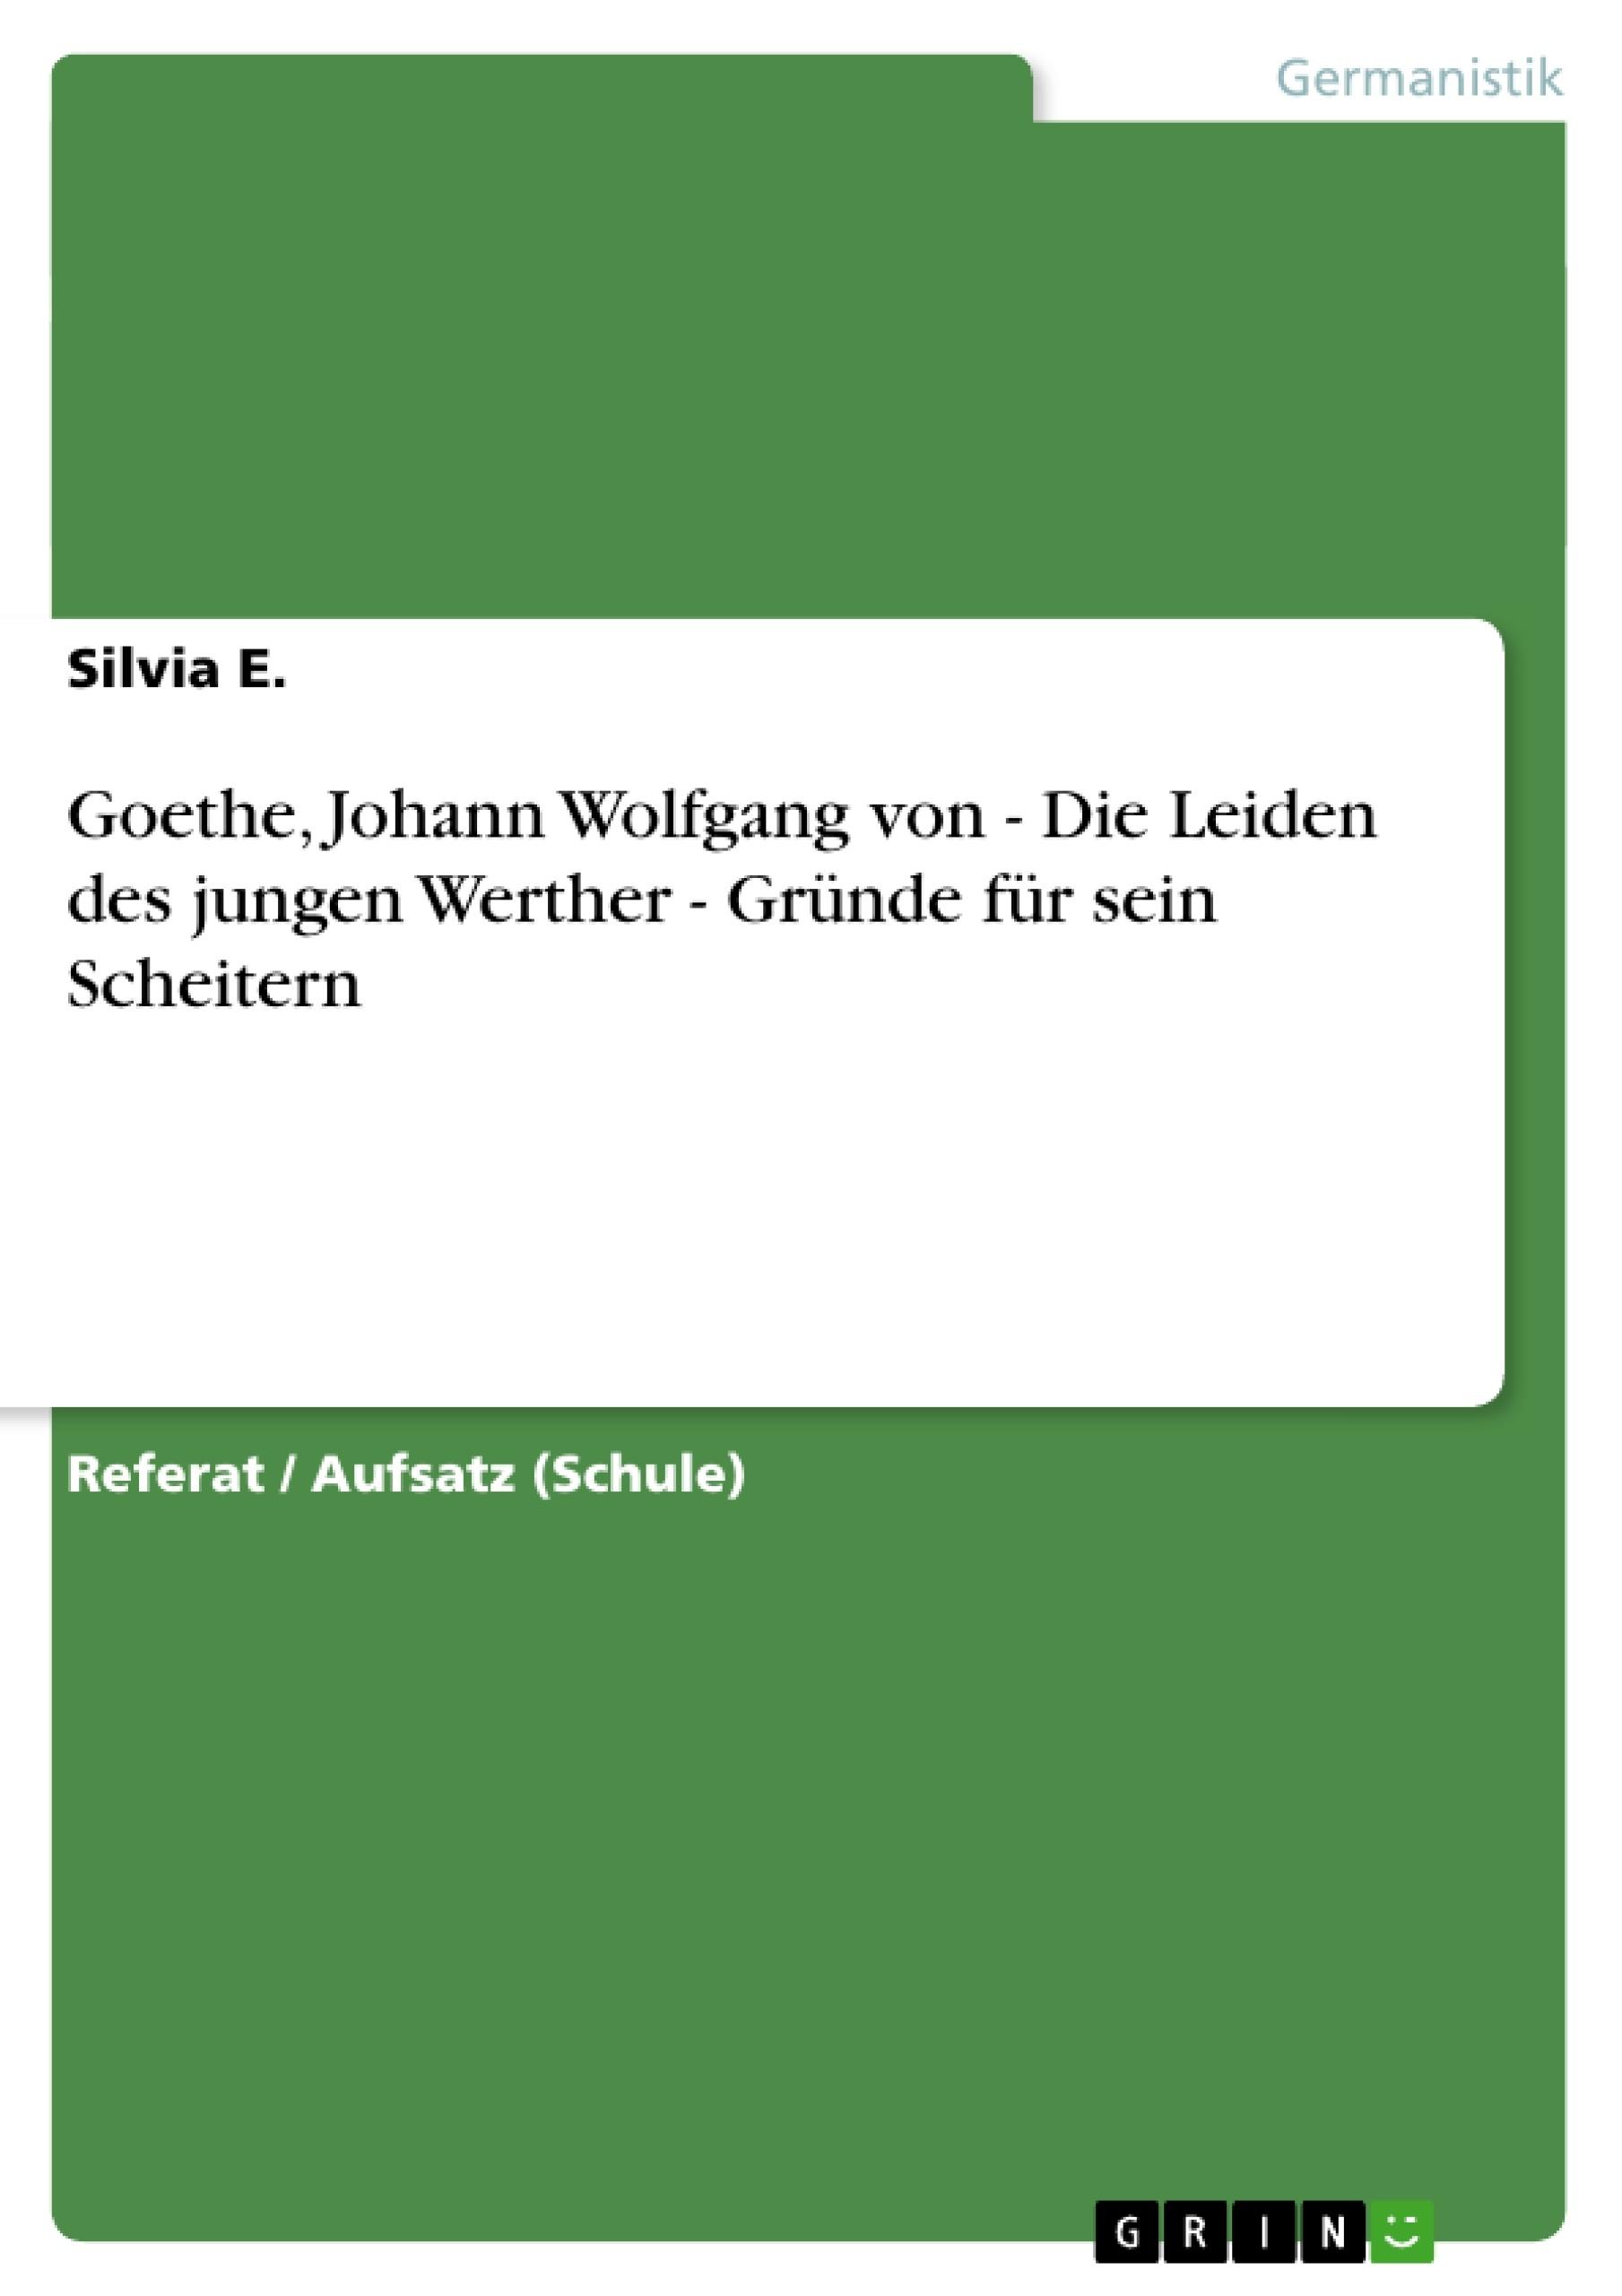 Titel: Goethe, Johann Wolfgang von - Die Leiden des jungen Werther - Gründe für sein Scheitern